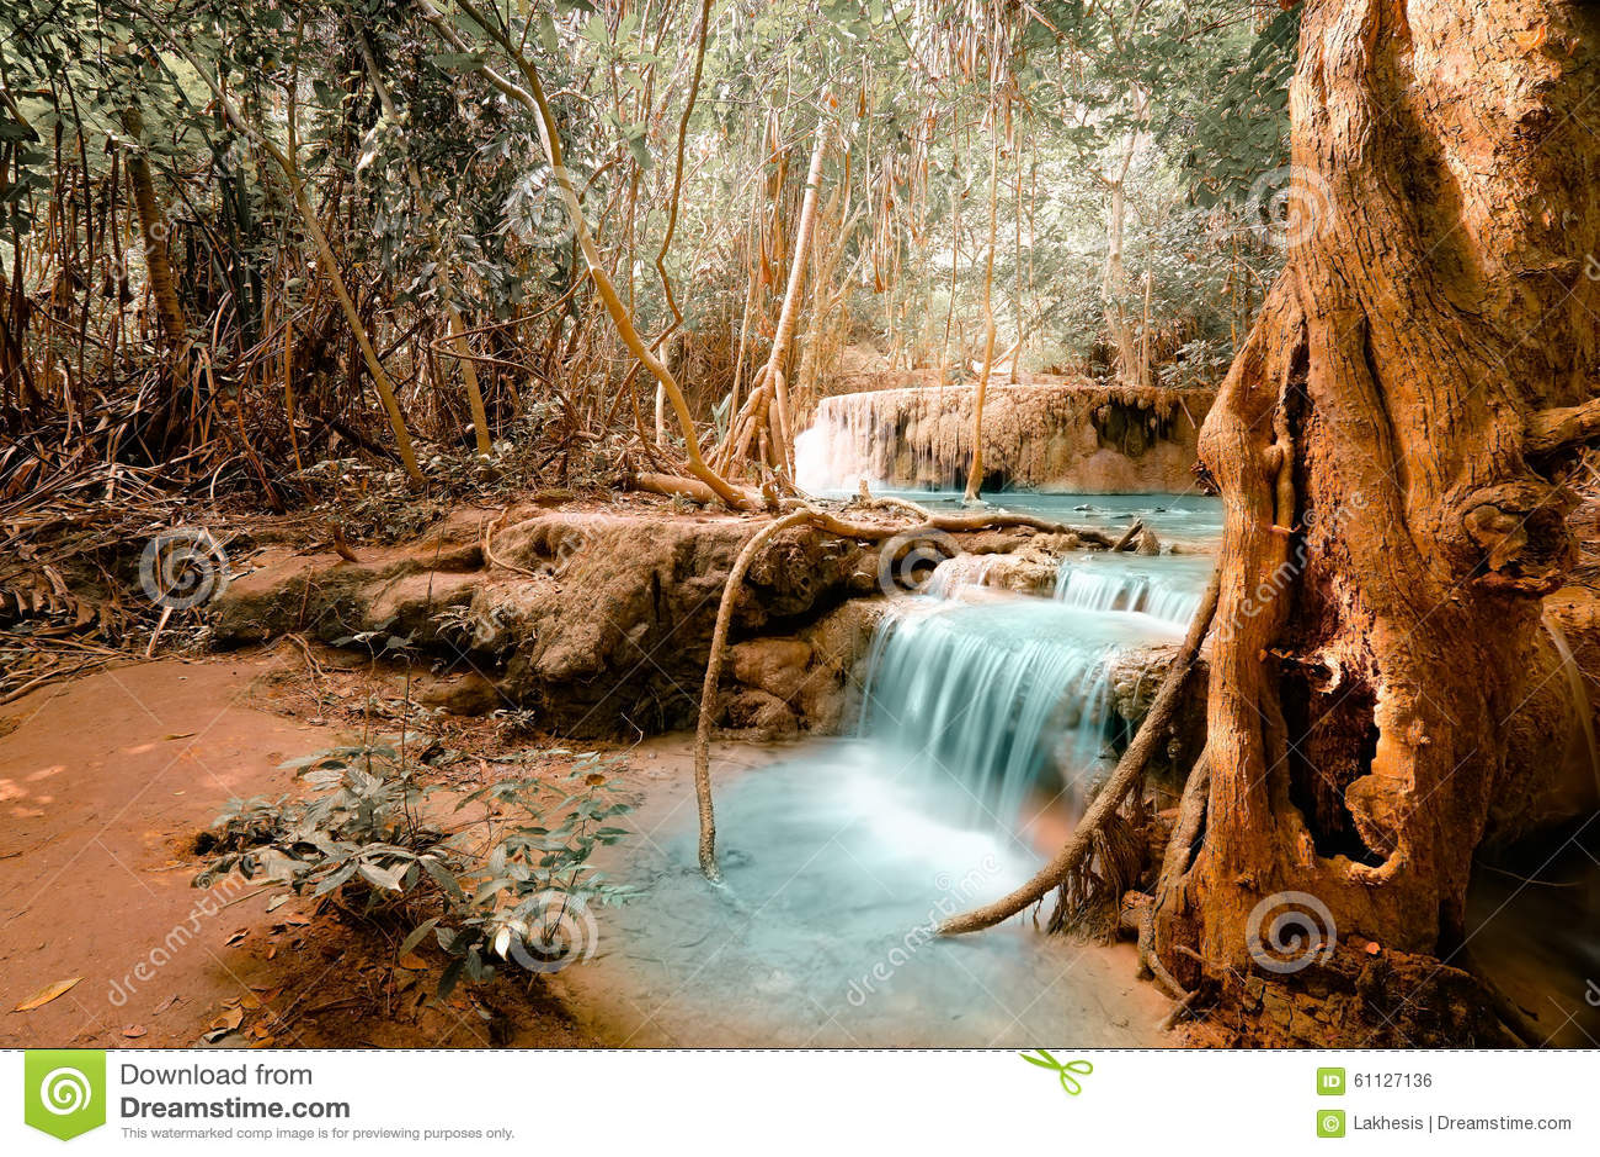 幻想发出刺耳声与绿松石瀑布的风景